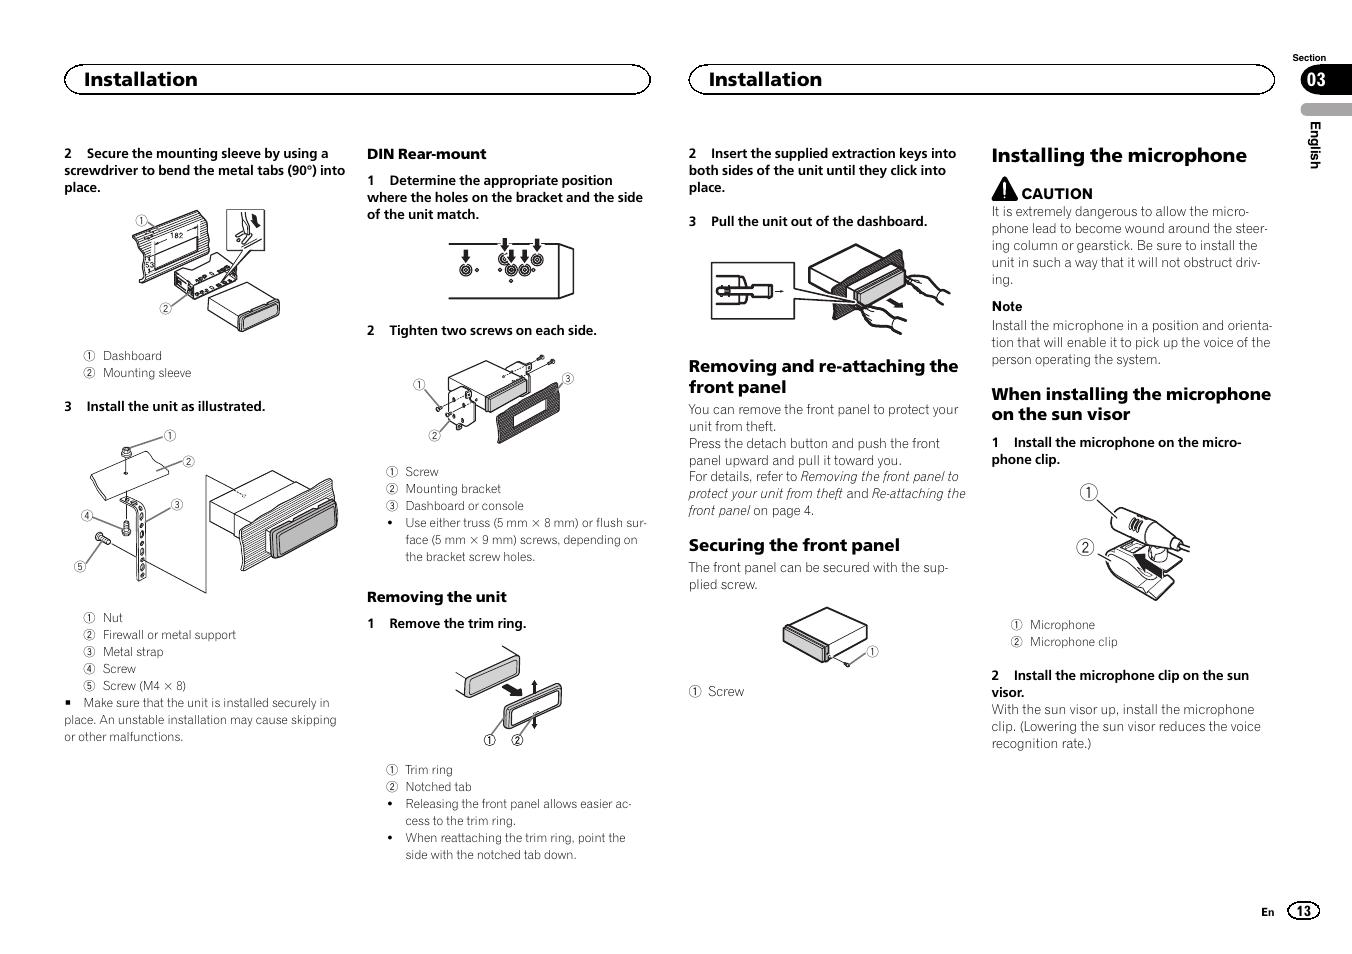 Großzügig 2 5mm Zum Handgerät Schaltplan Galerie - Elektrische ...